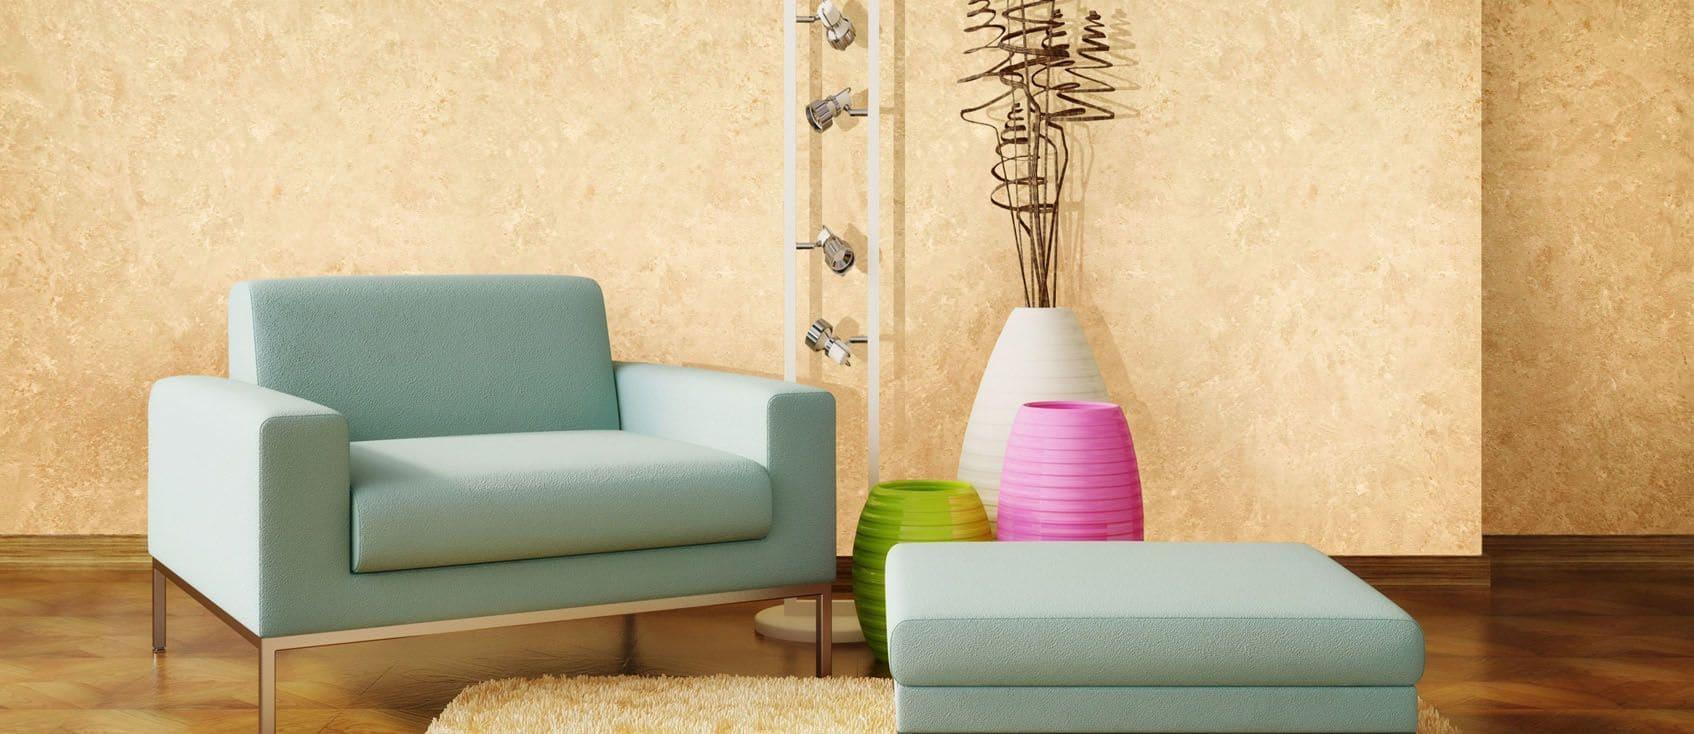 Декоративная штукатурка - лучшие красивые варианты отделки стен в интерьере 063